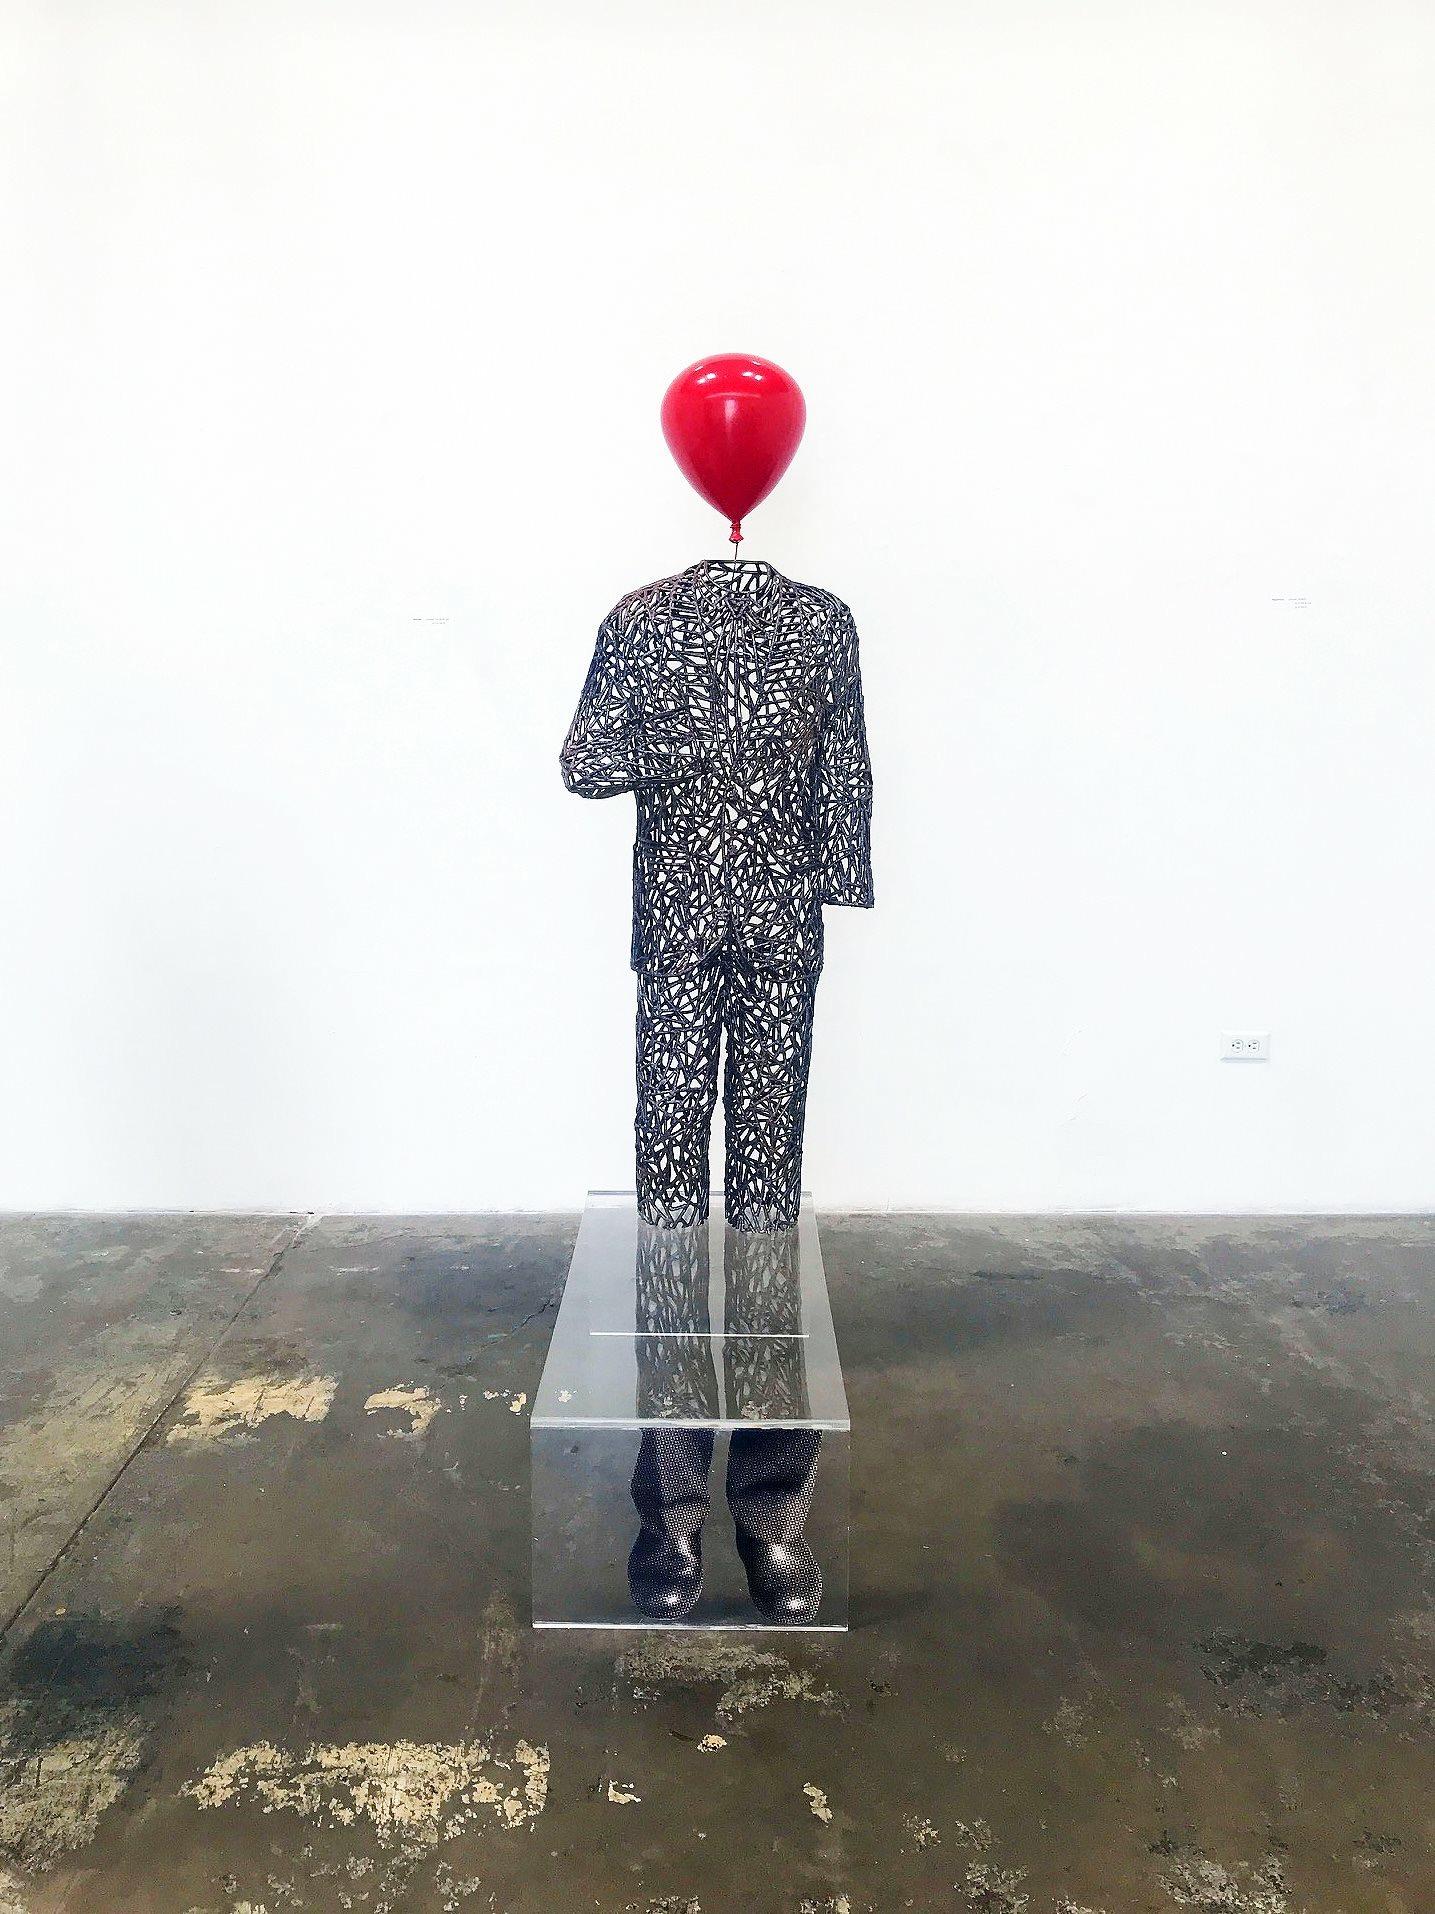 67.5 Sculpture.JPG